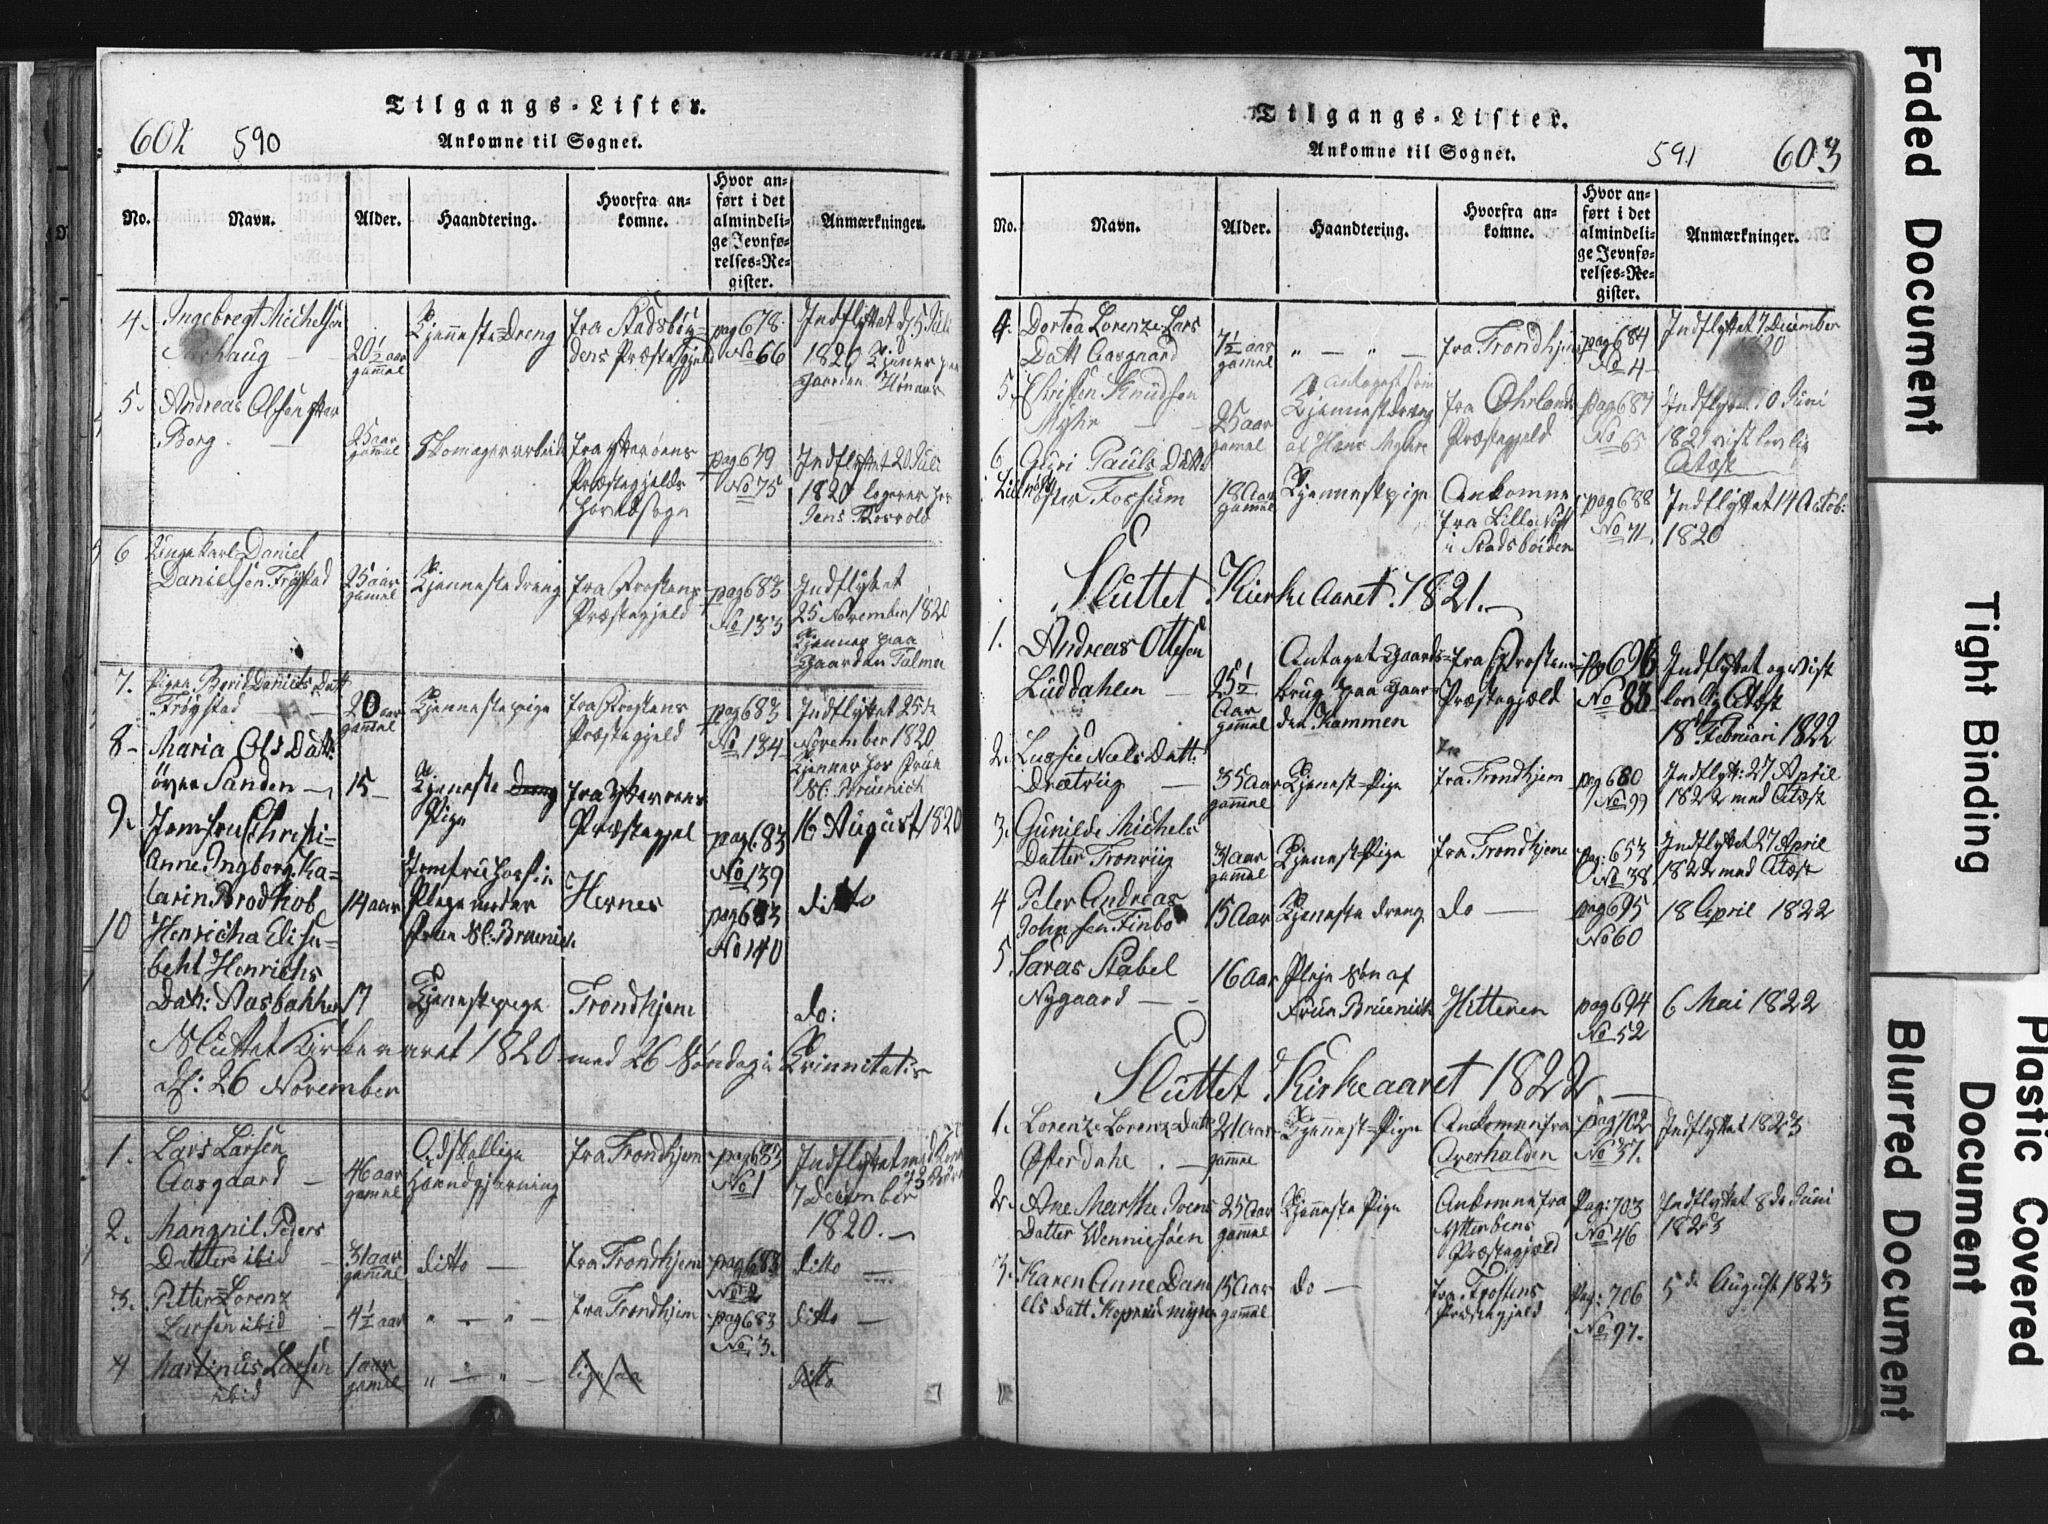 SAT, Ministerialprotokoller, klokkerbøker og fødselsregistre - Nord-Trøndelag, 701/L0017: Klokkerbok nr. 701C01, 1817-1825, s. 590-591